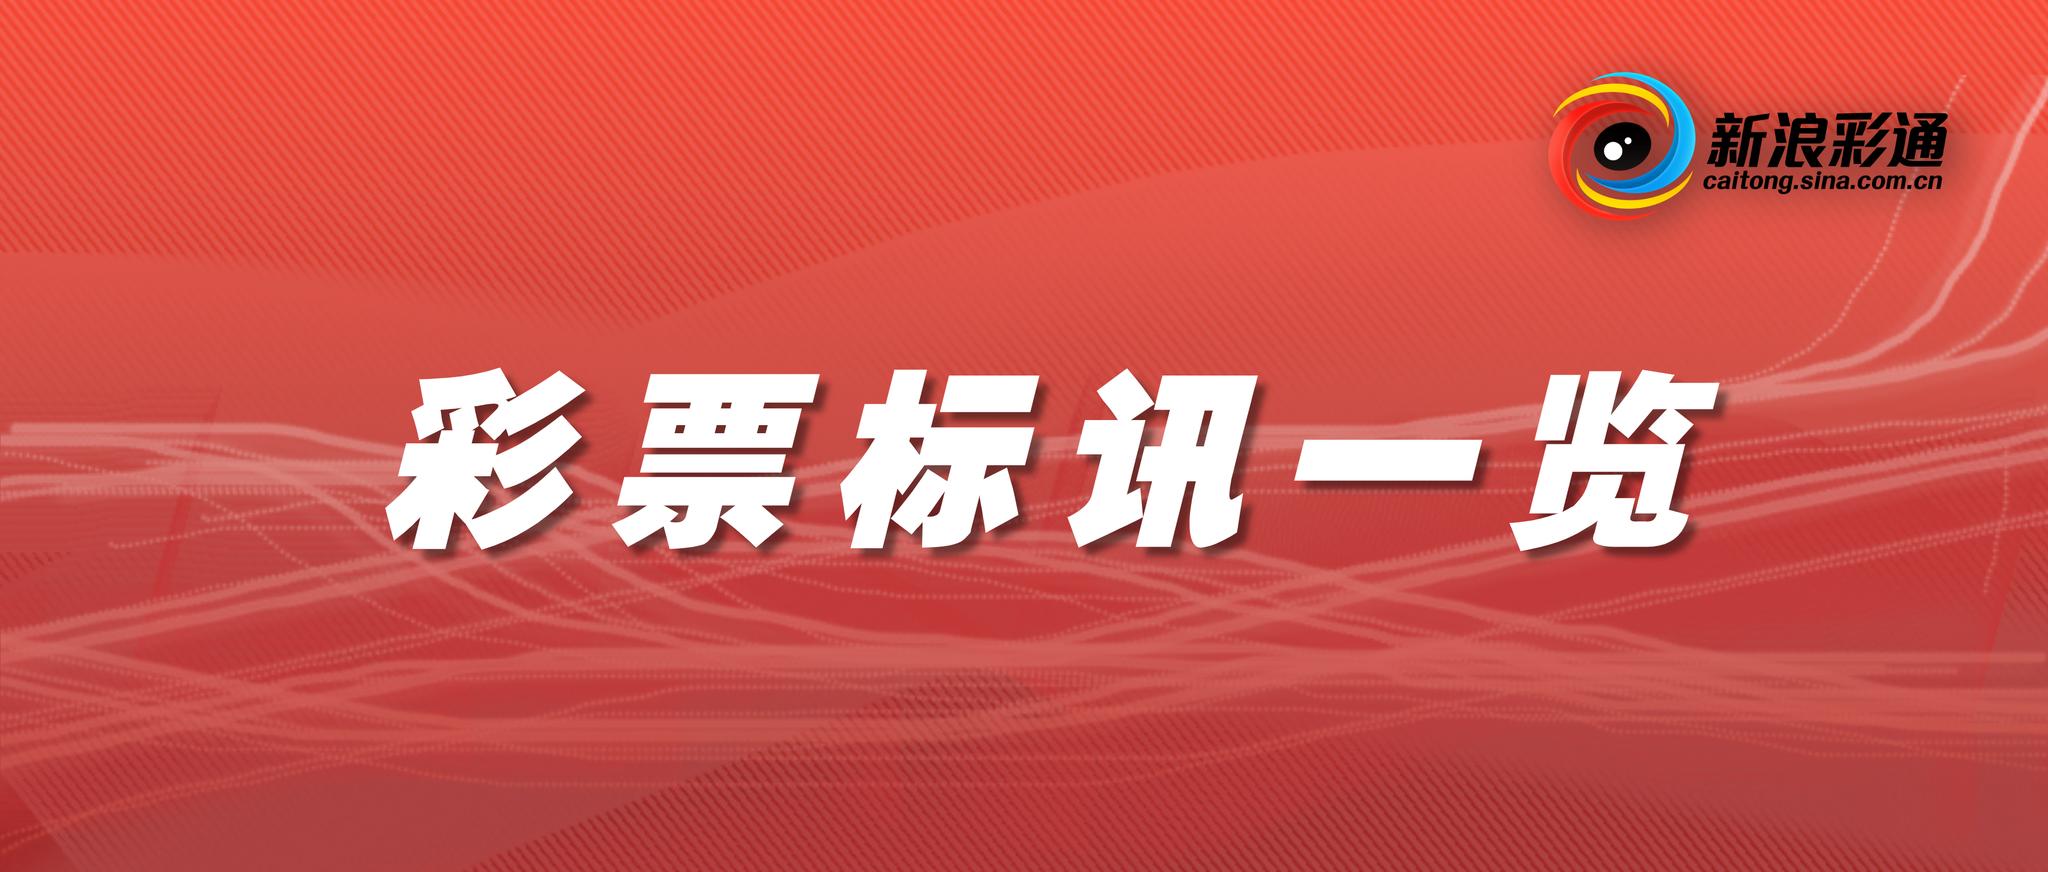 彩票行业重要招投标信息汇总 (7.19-7.25)